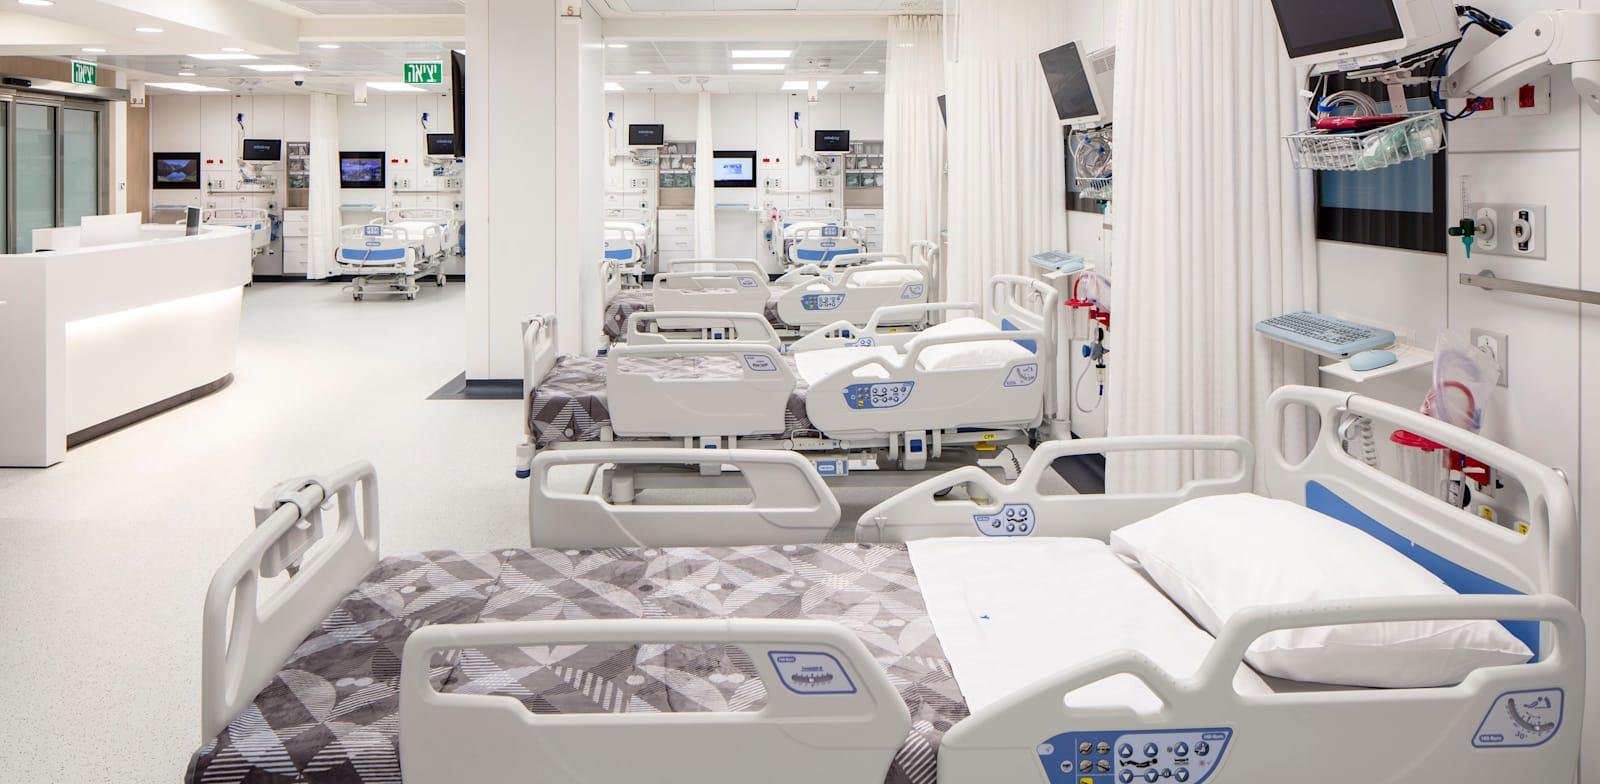 בית החולים רפאל ברמת החייל בתל אביב / צילום: עמית גרון